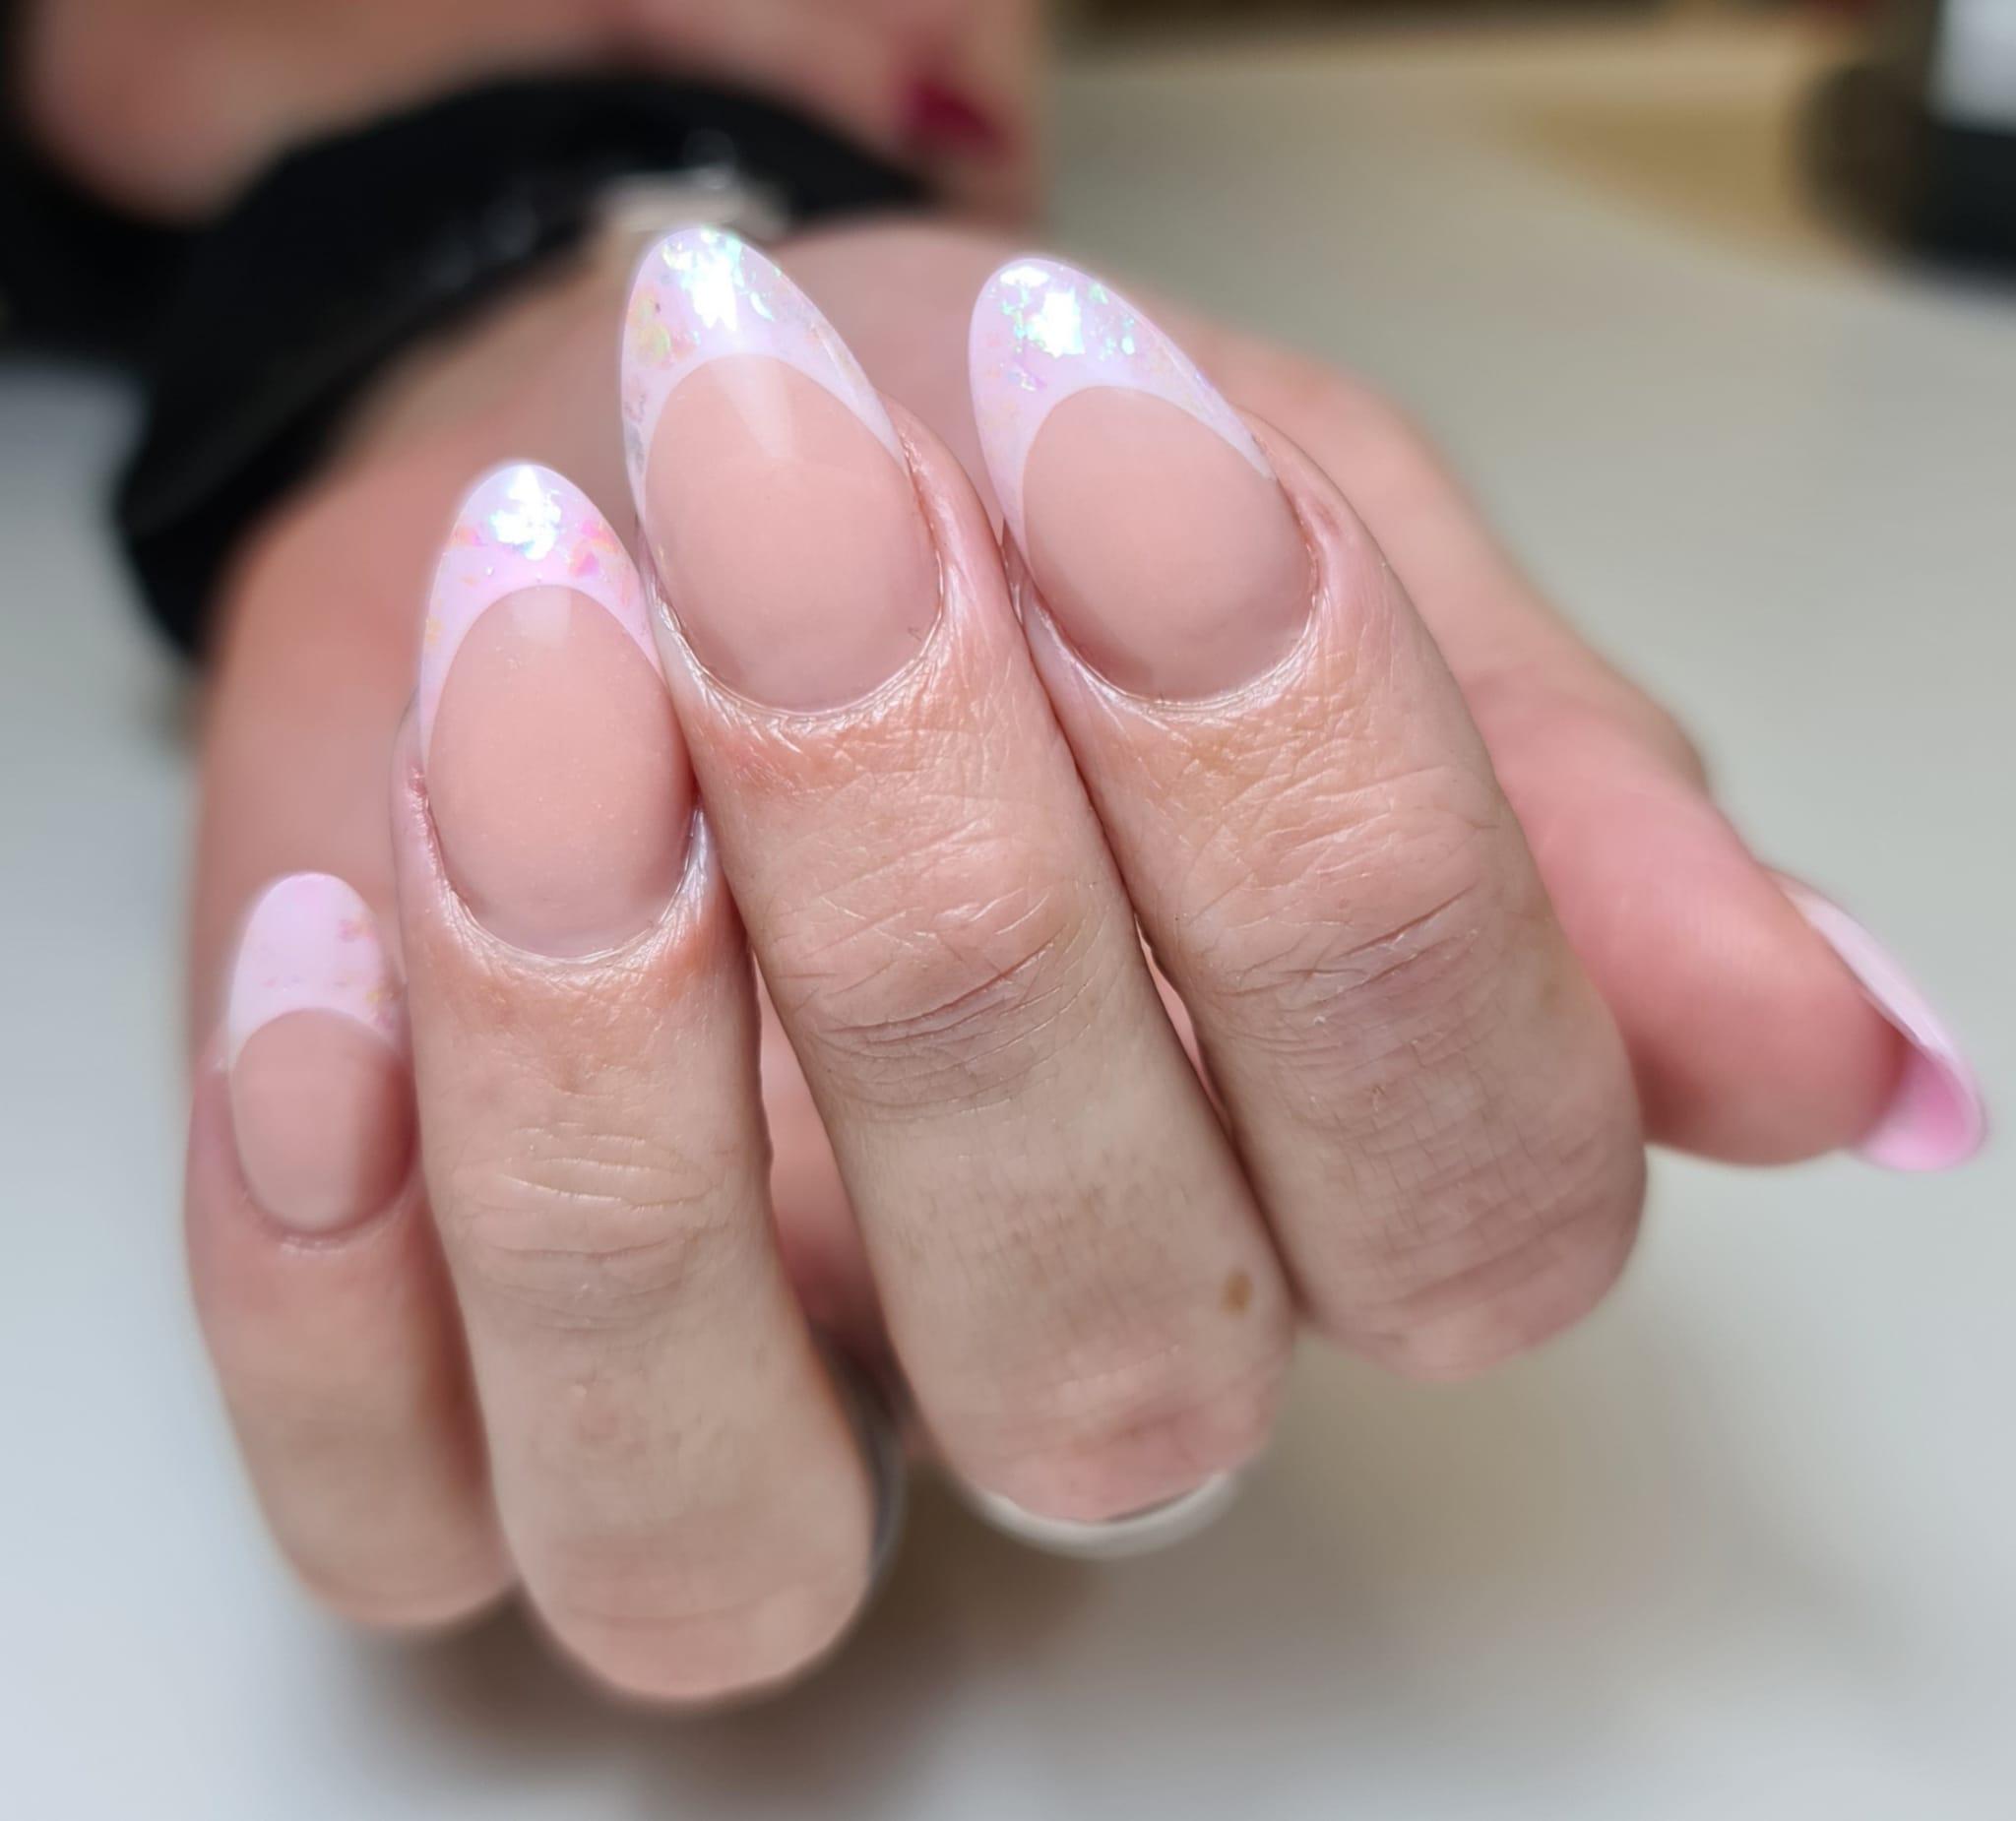 nailart6 cleyo skin experts winschoten